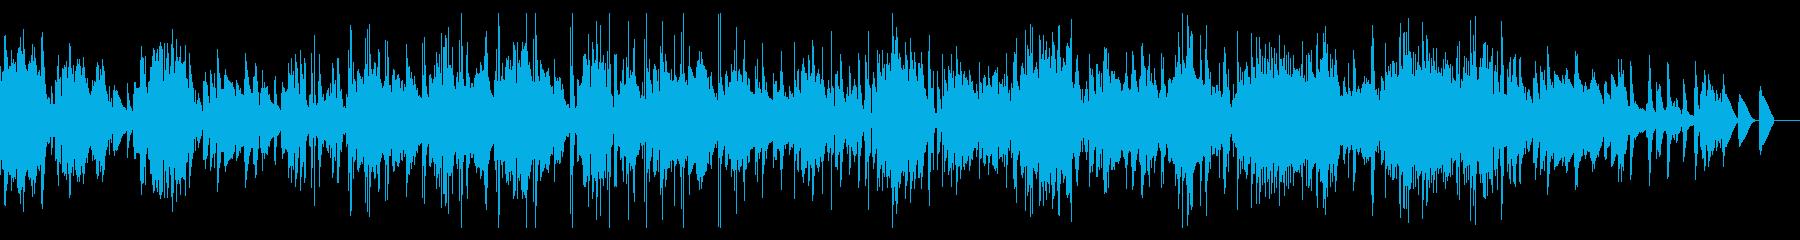 いろんなグリッジ音のするIDMの再生済みの波形